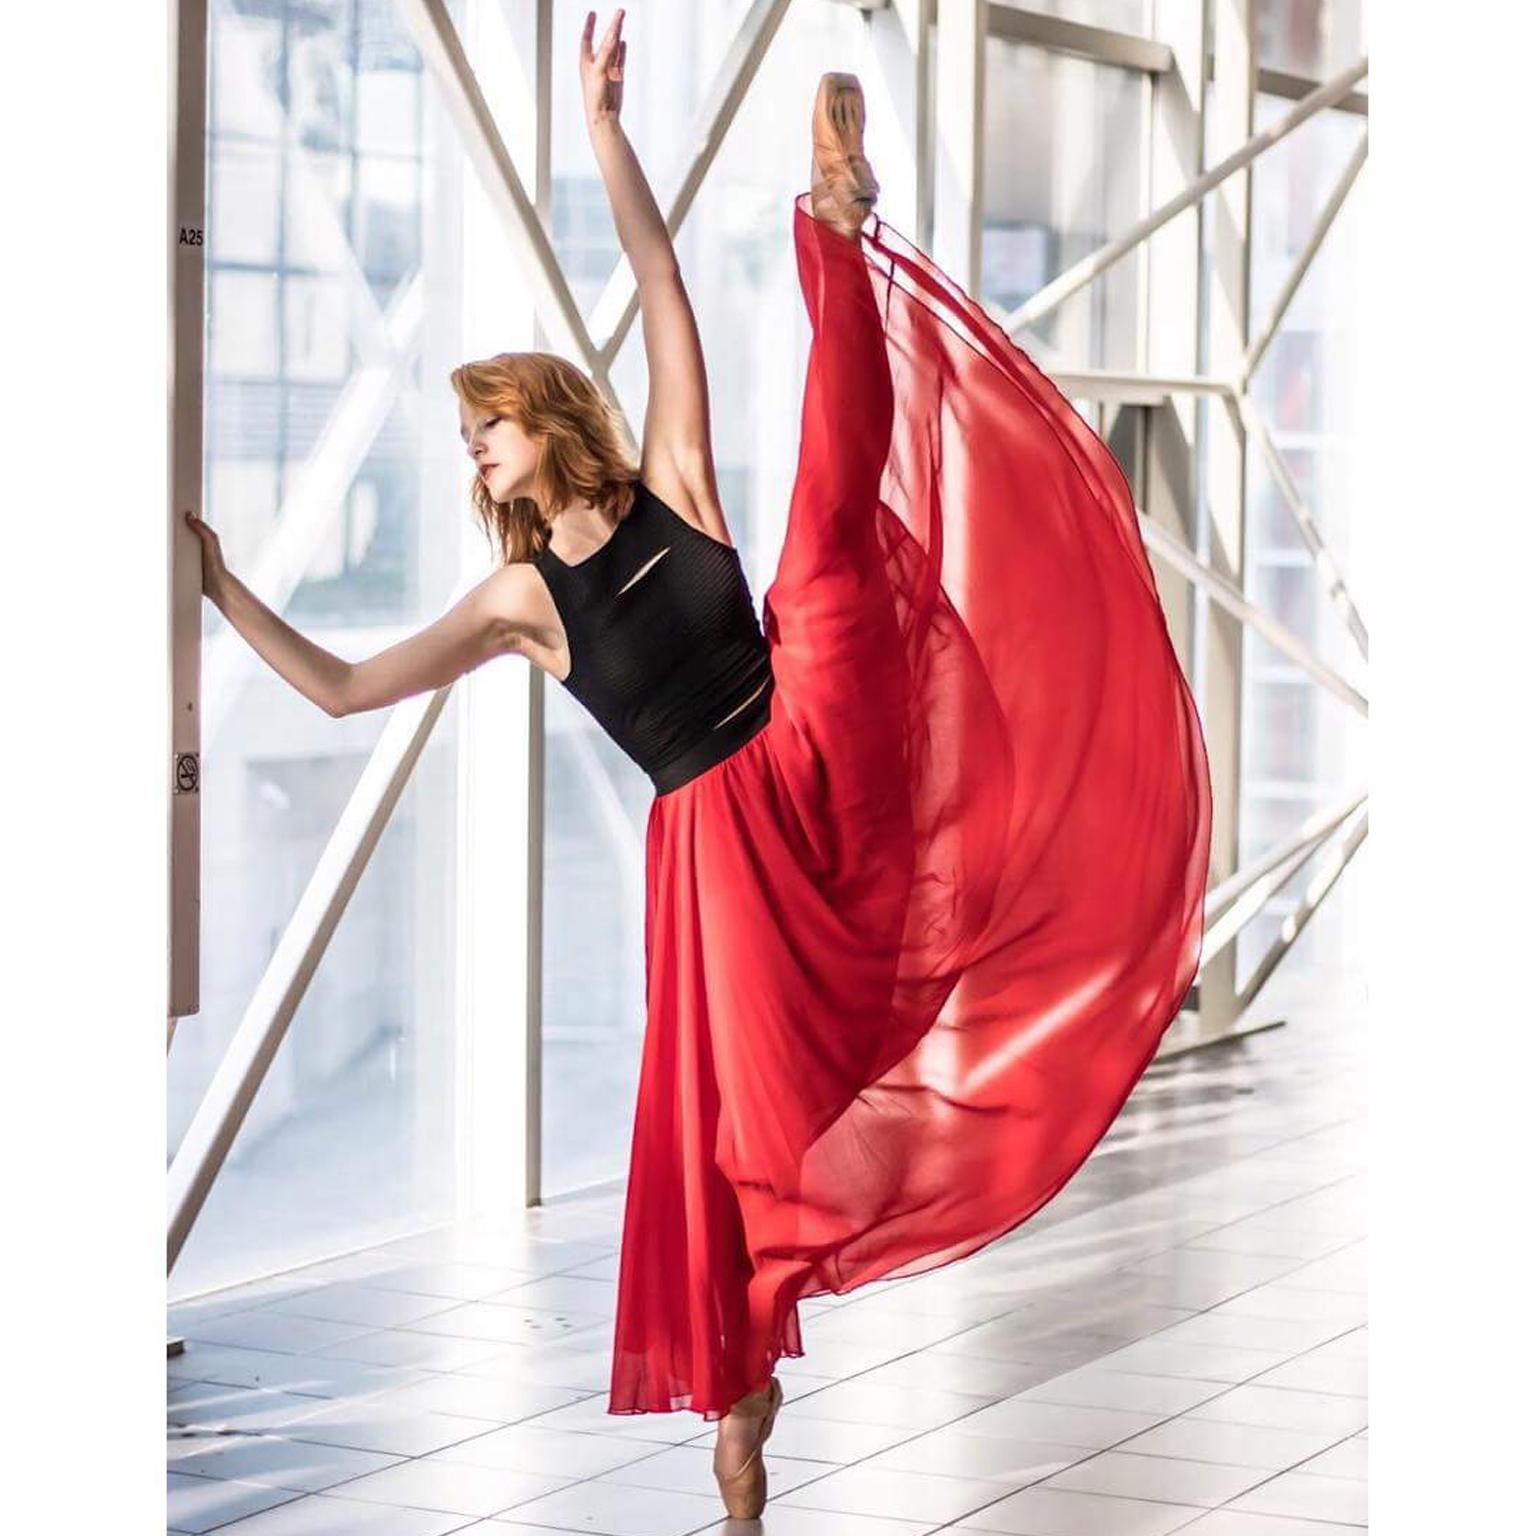 Toronto-Fitness-Model-Agency-Lifestyle-Ballerina-Elizabeth-Kalashnikova